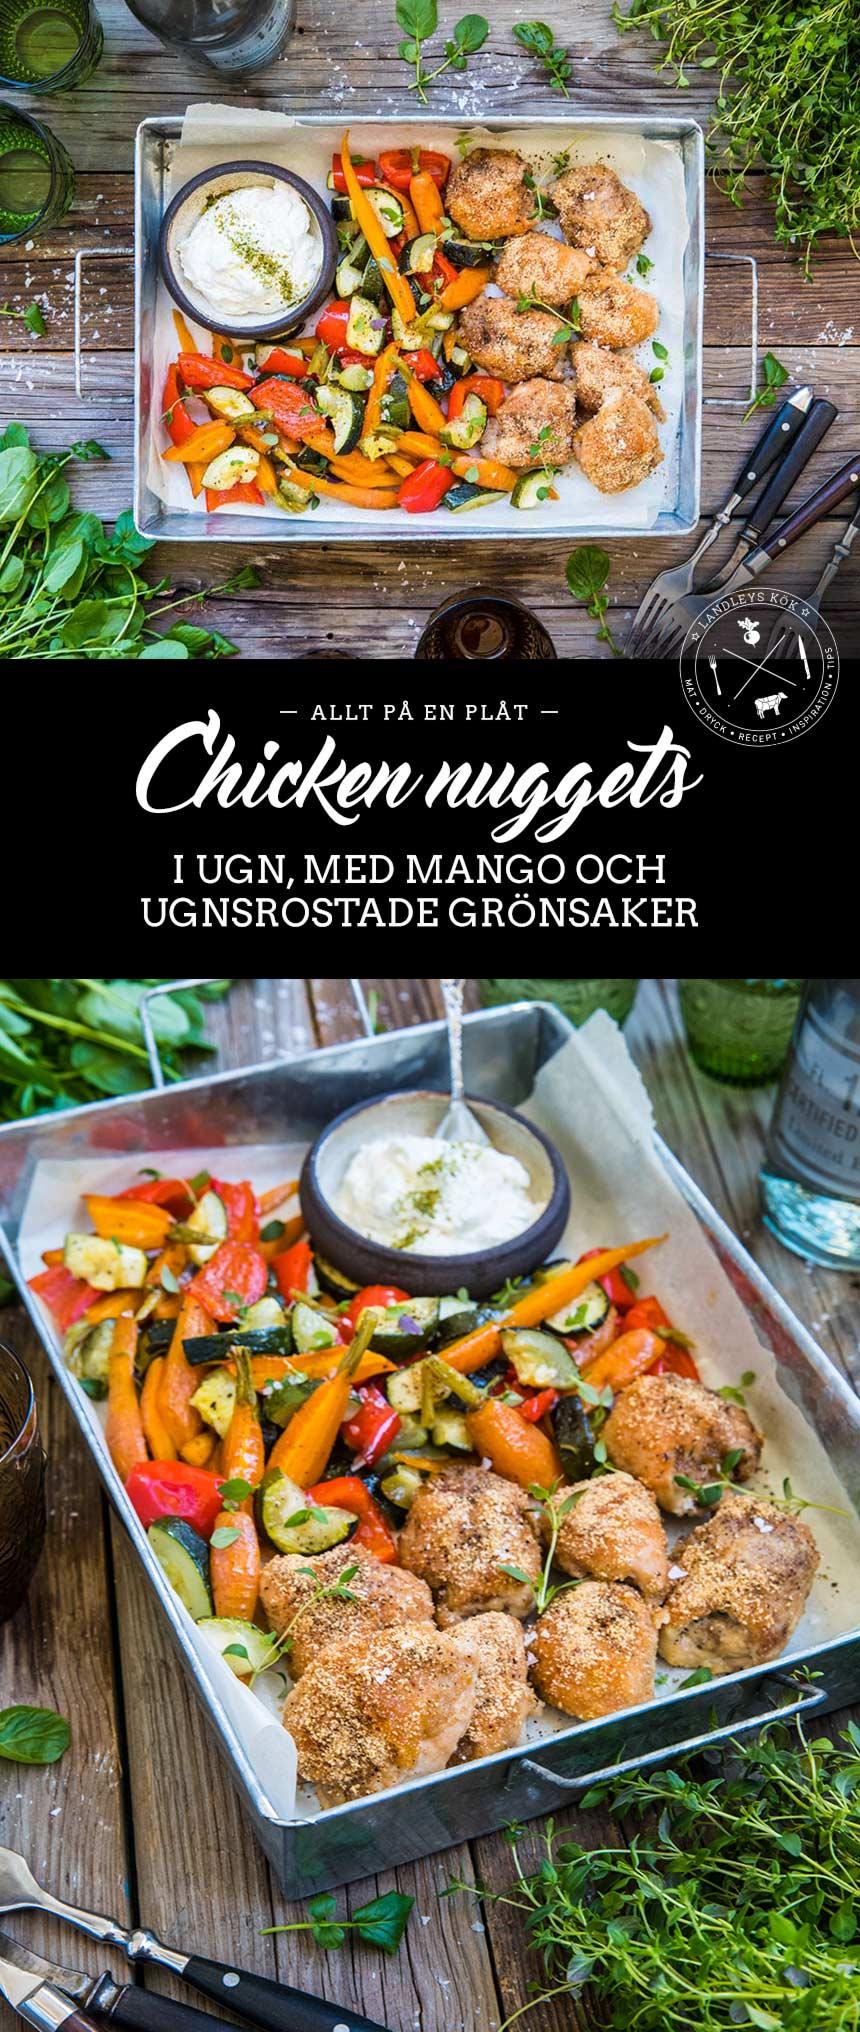 Chicken nuggets med mango och ugnsrostade grönsaker